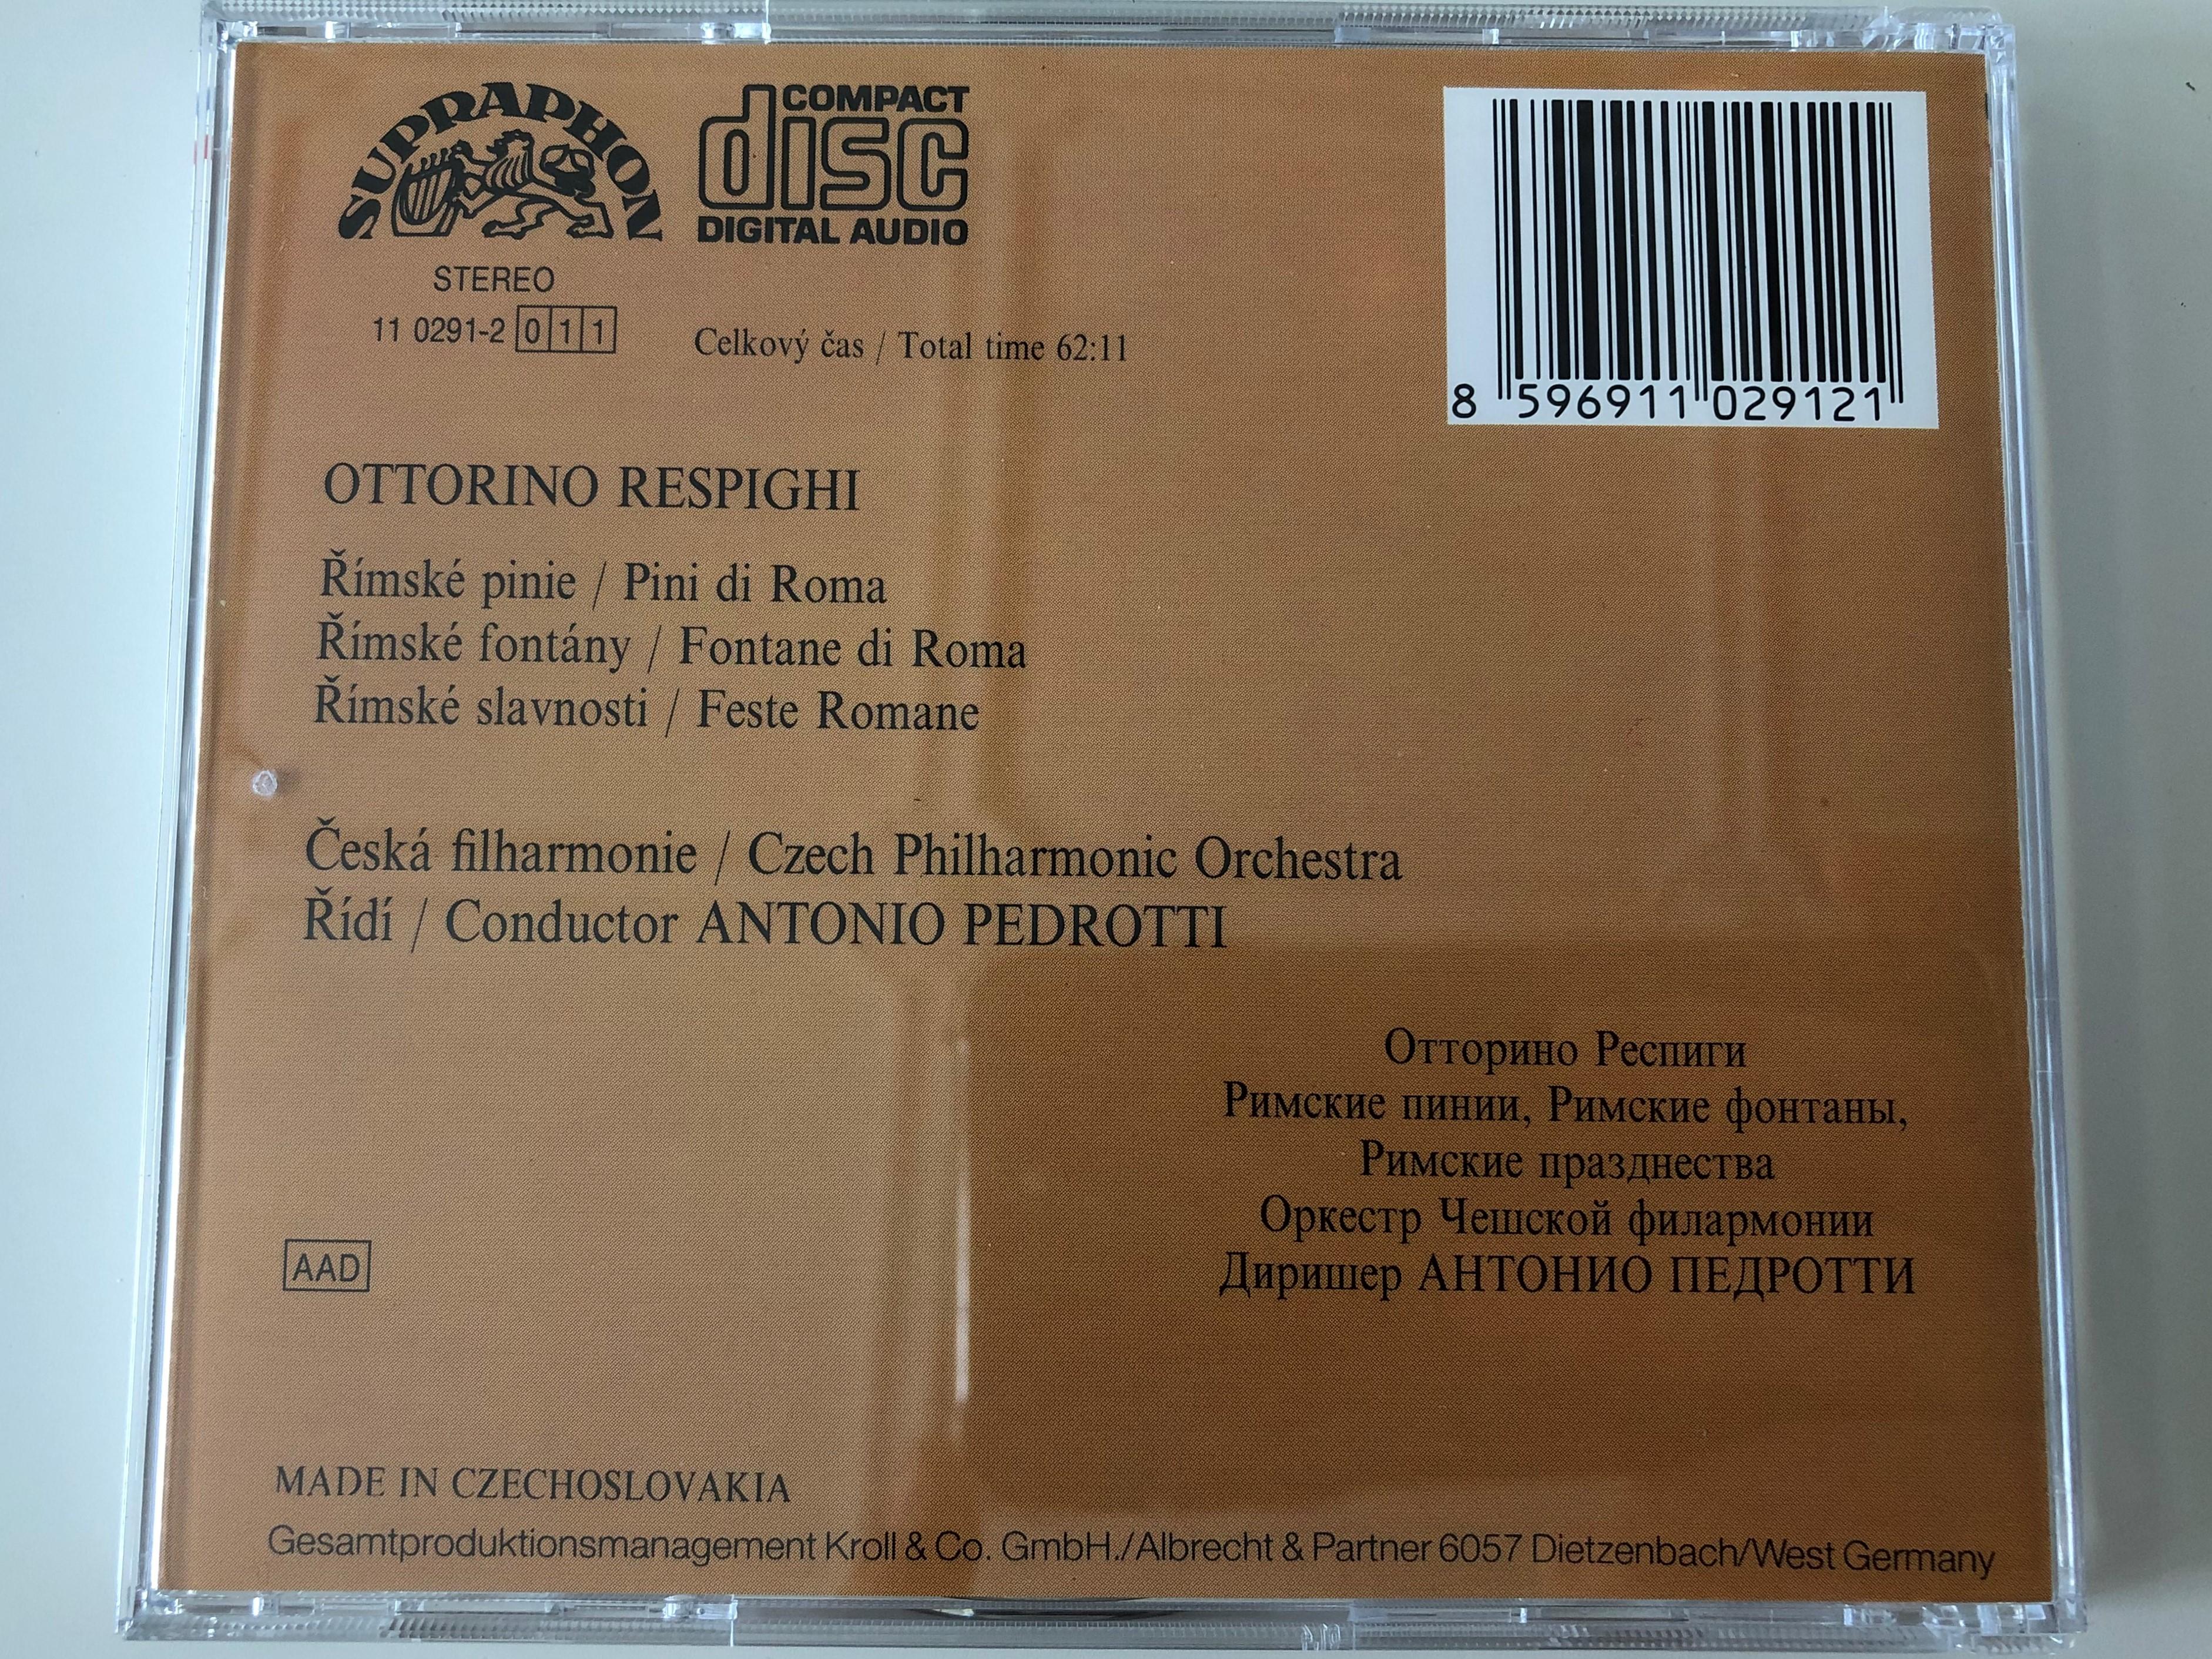 antonio-pedrotti-respighi-pini-di-roma-fontane-di-roma-feste-romane-czech-philharmonic-orchestra-supraphon-audio-cd-1988-stereo-11-0291-2-011-6-.jpg